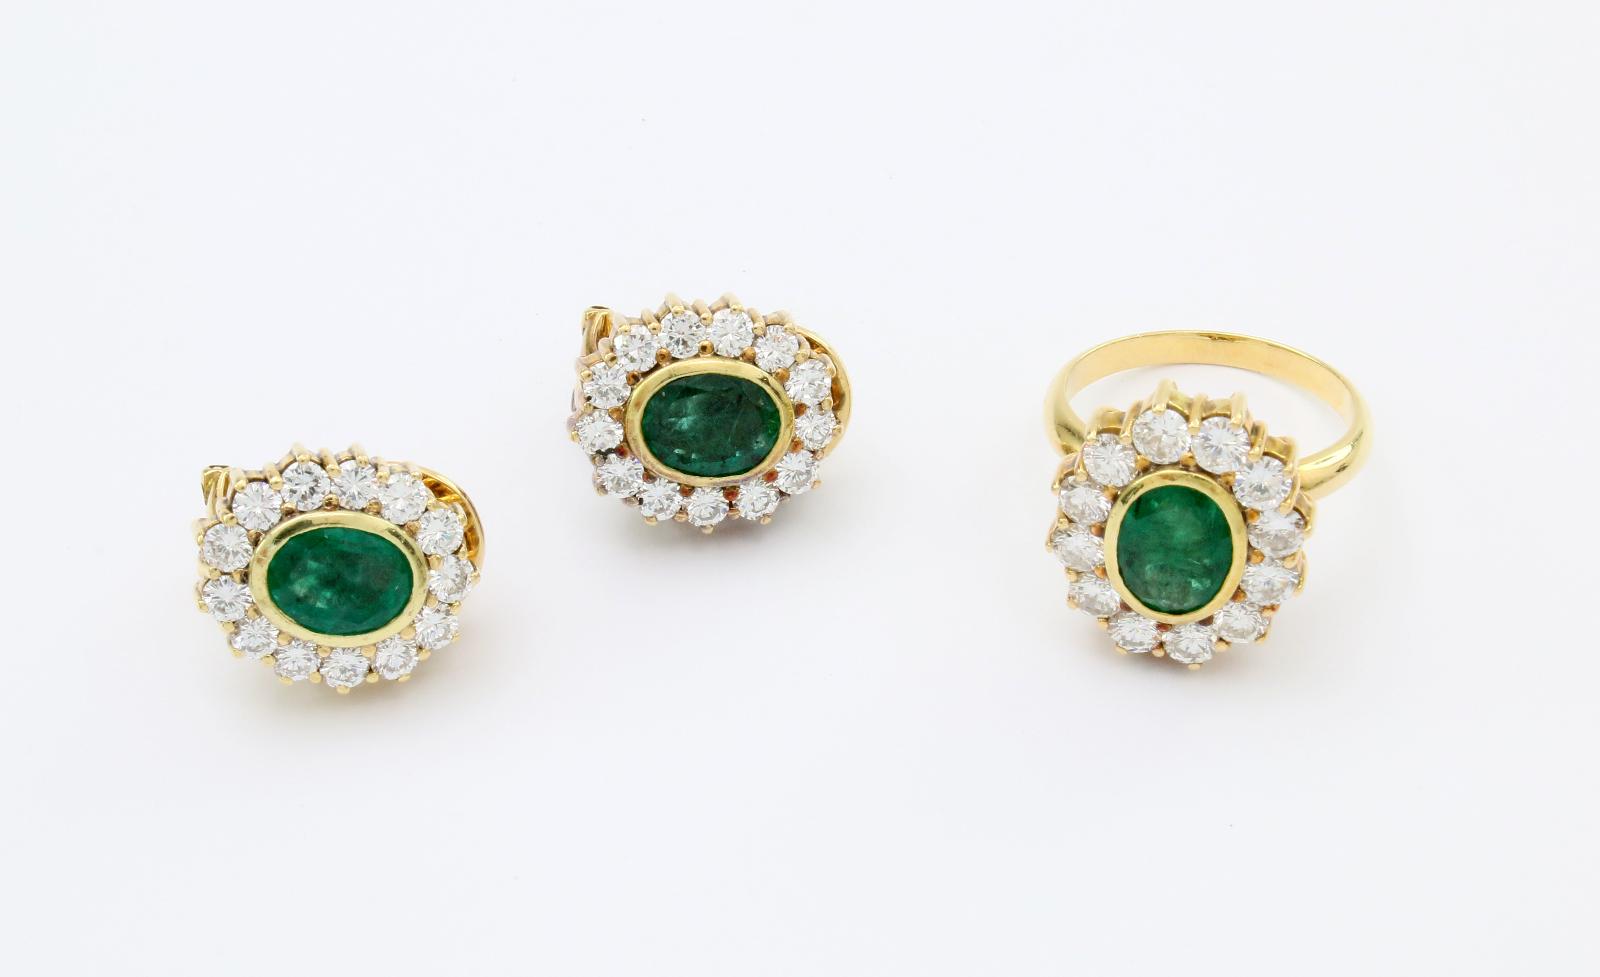 Paar Ohrringe mit passendem Ring aus Gelbgold mit Smaragden und Brillanten (zus. ca. 4,5 ct)